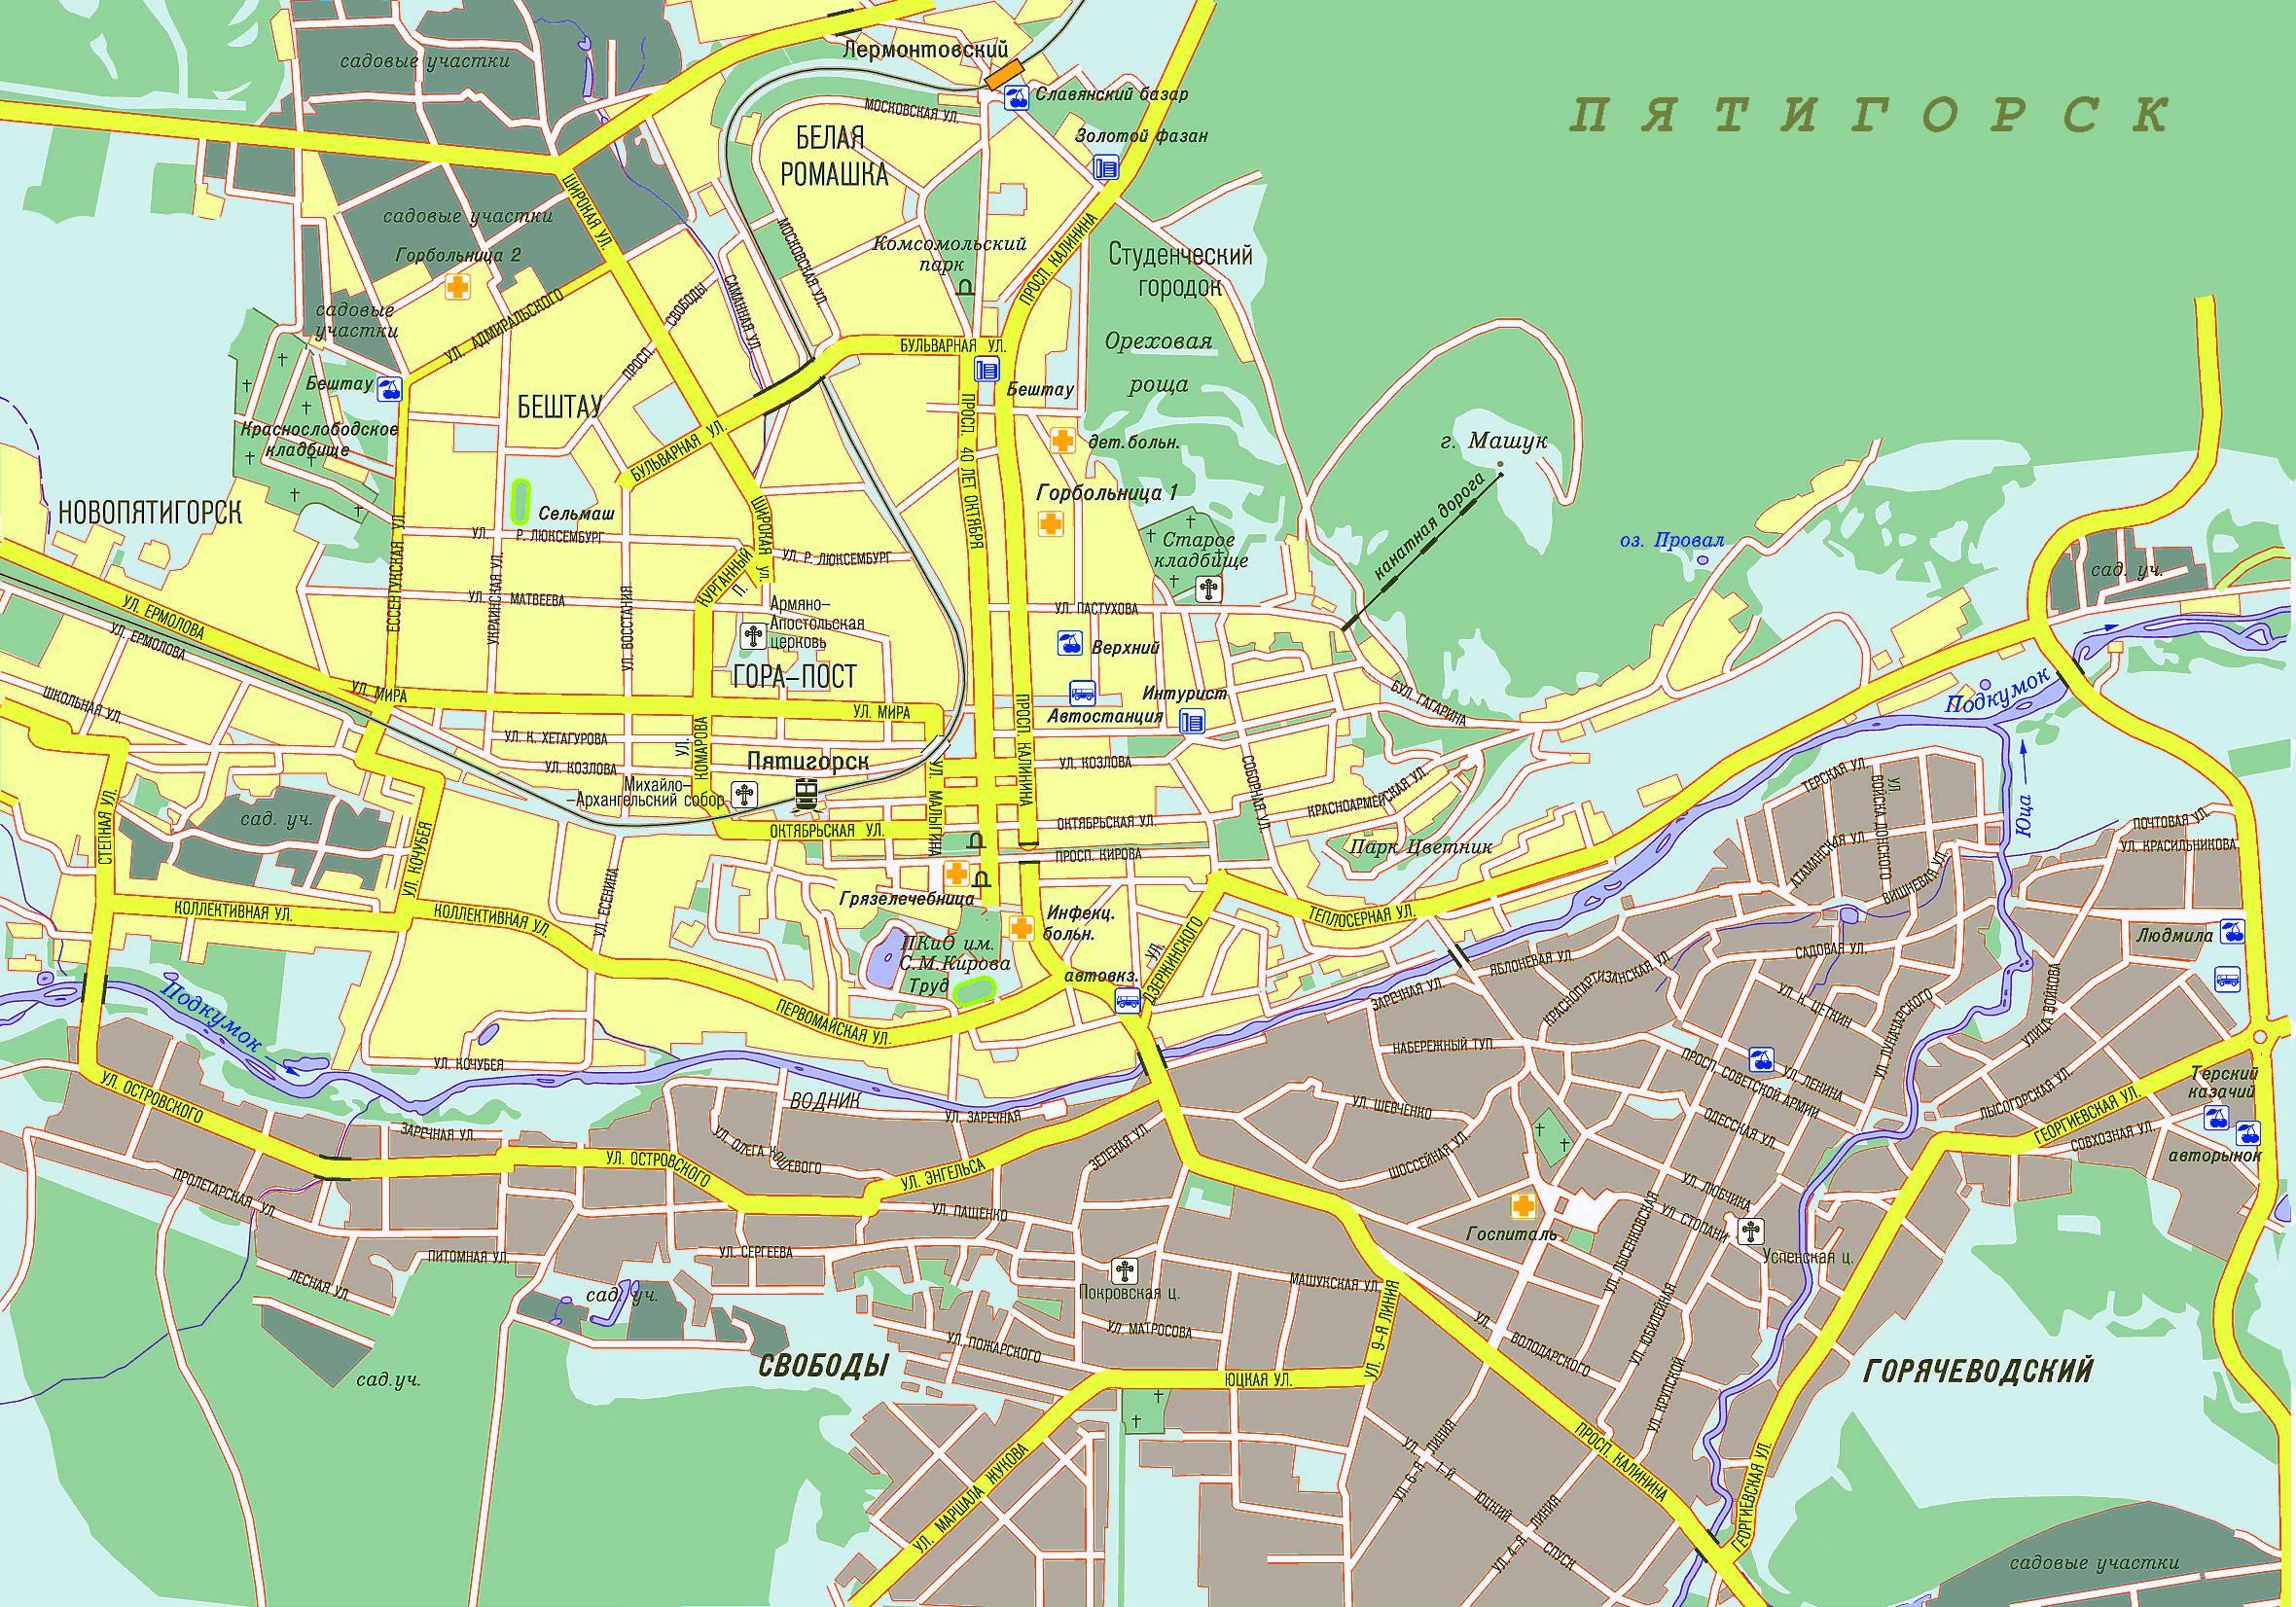 Карта города Пятигорска с улицами